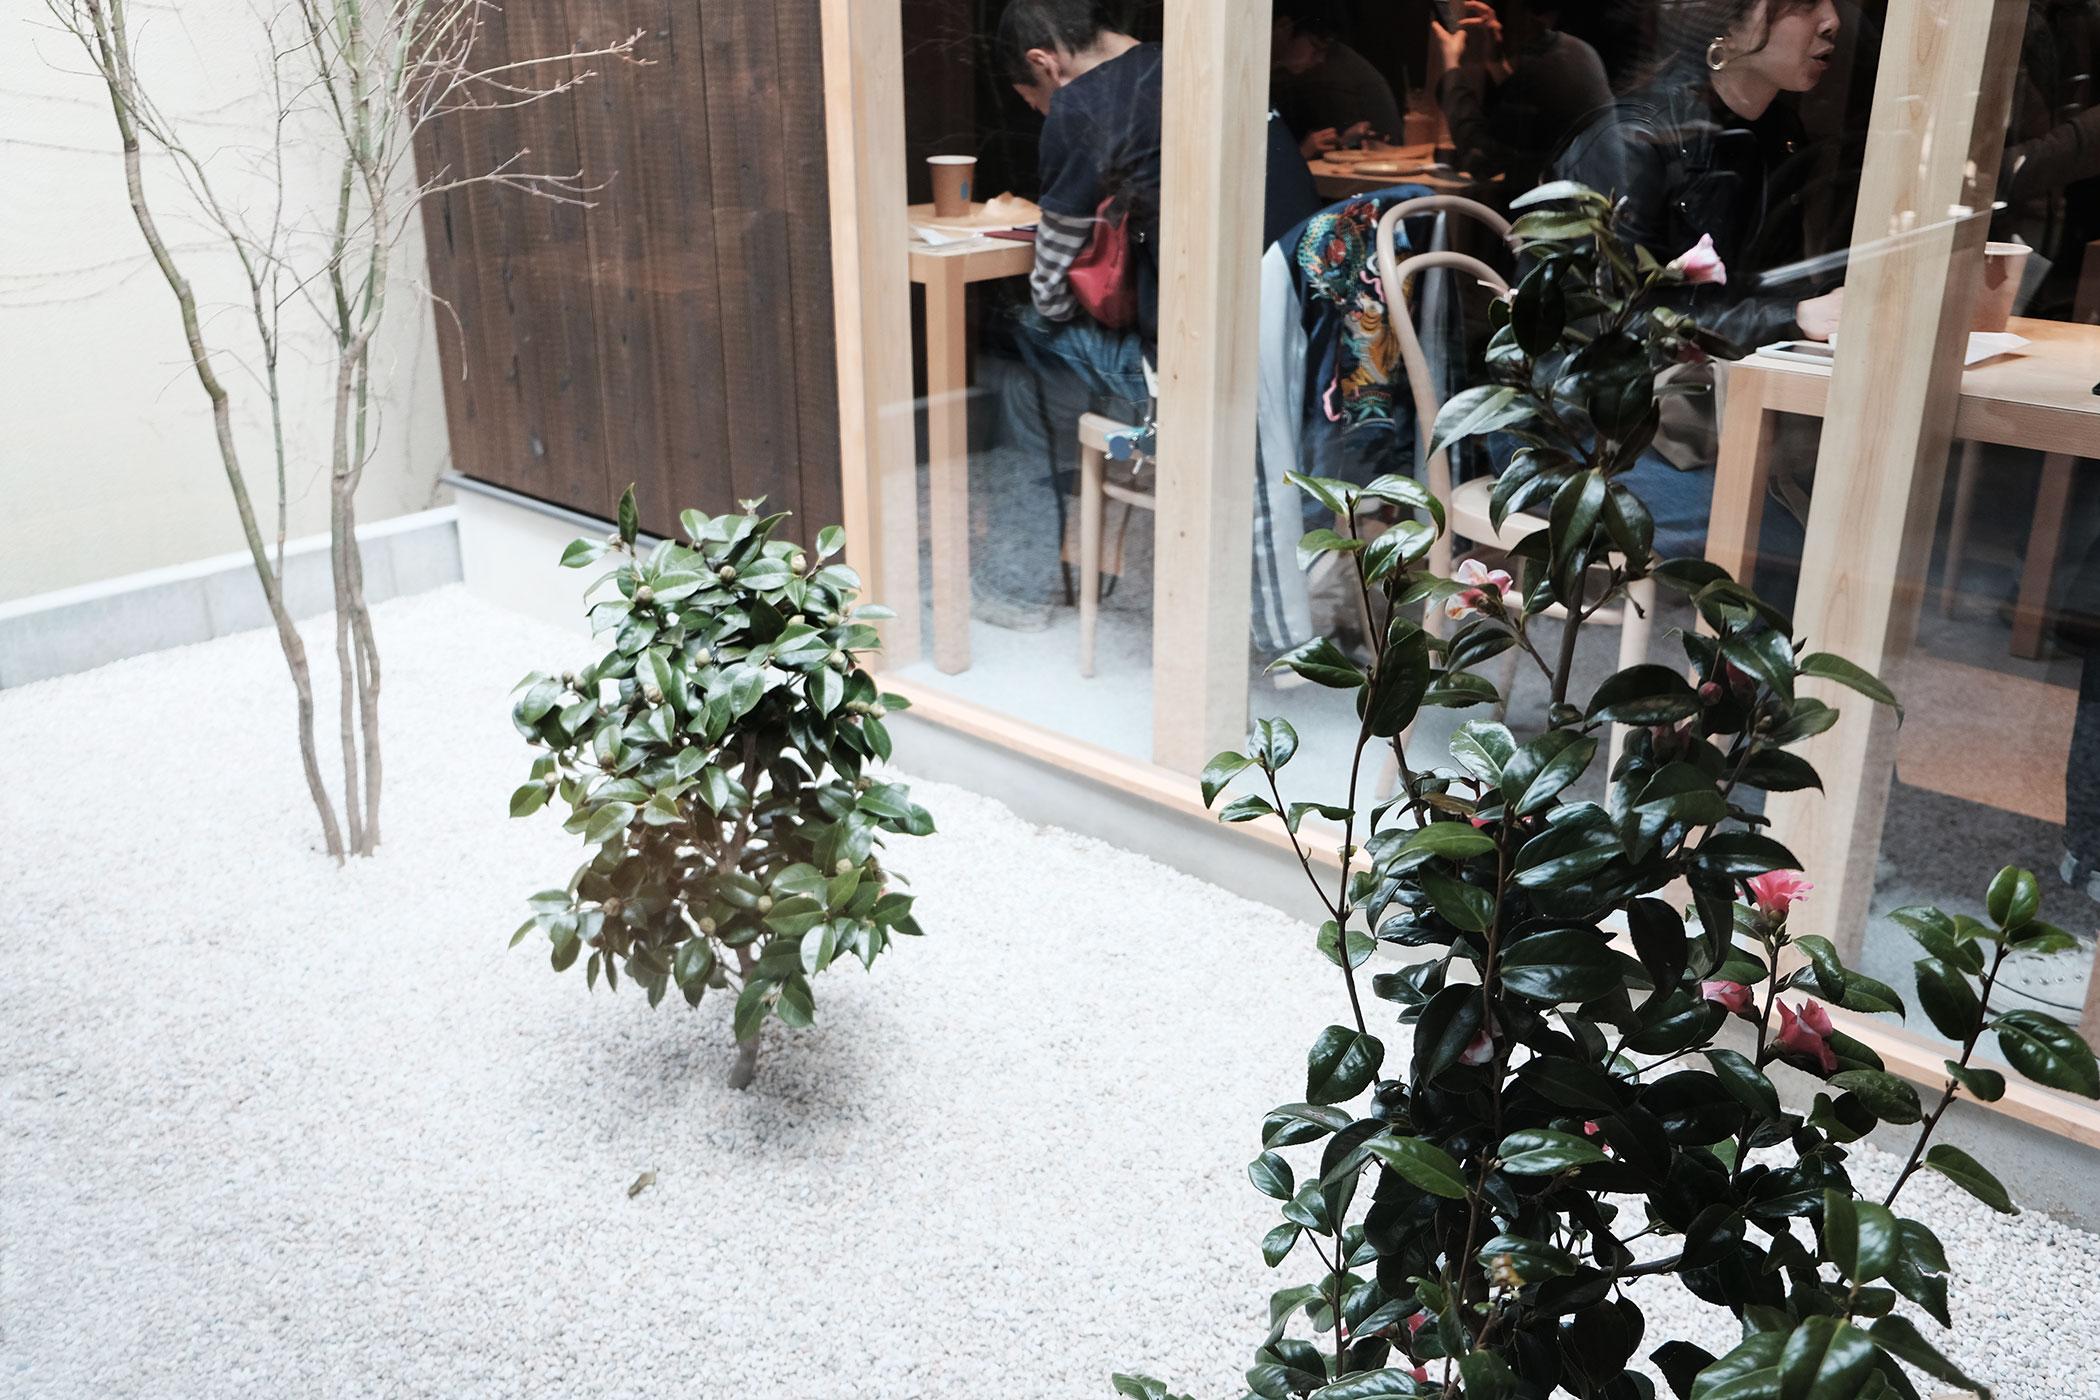 待望の初出店!ブルーボトルコーヒーの関西第一号は京都の南禅寺に ブルーボトルコーヒー 京都カフェ (BLUE BOTTLE COFFEE KYOTO)